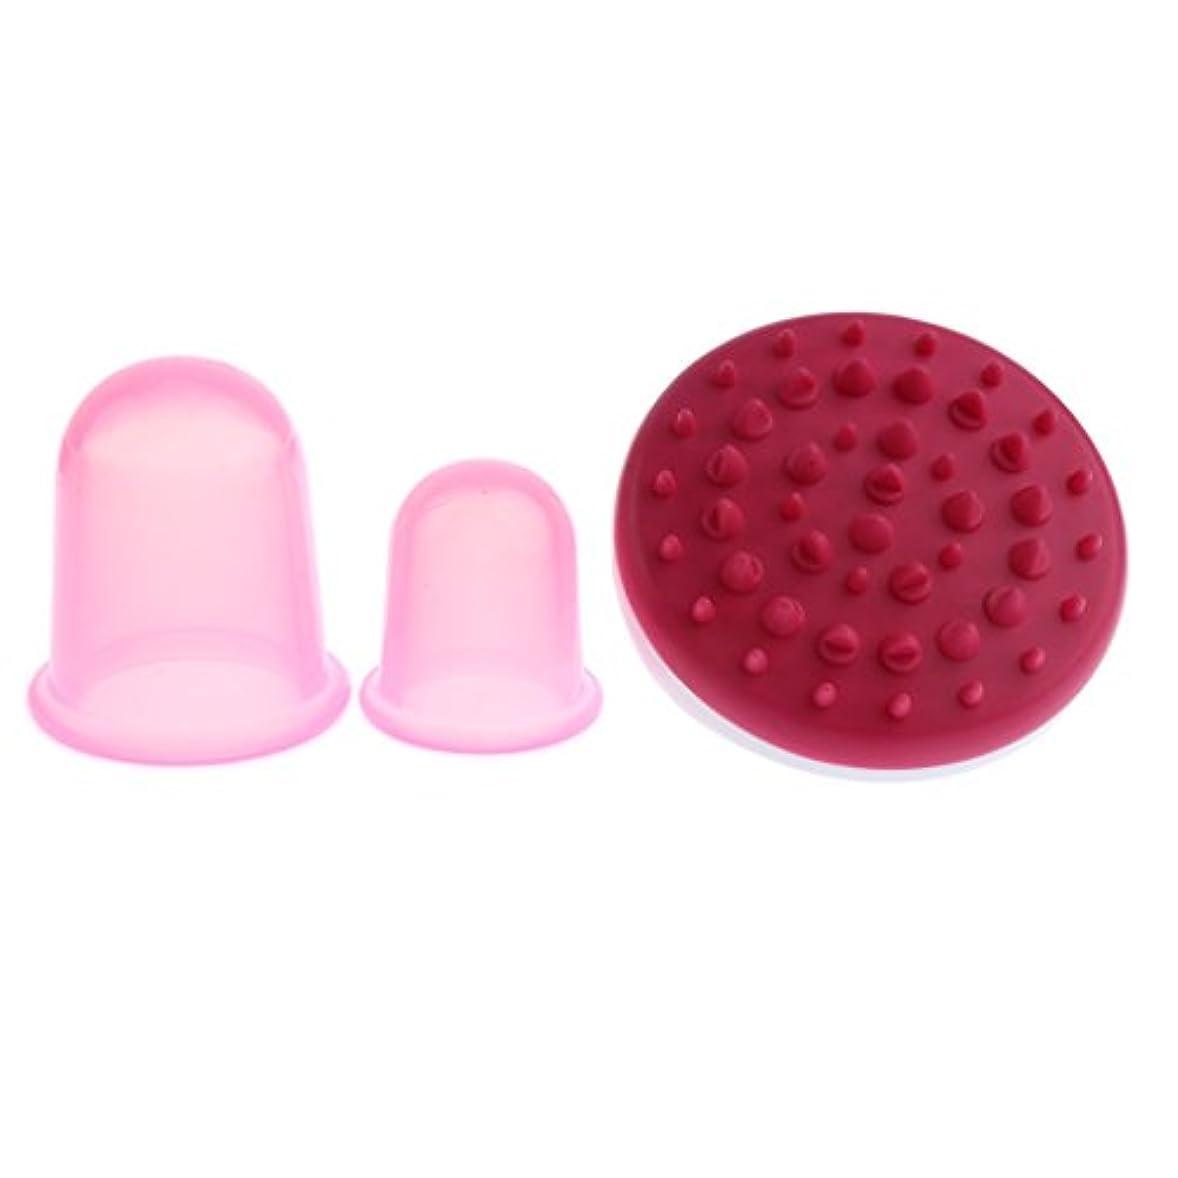 所有者シンプルさダッシュP Prettyia ボディマッサージ マッサージブラシ マッサージカップ シリコーン製 4色選べ - ピンク